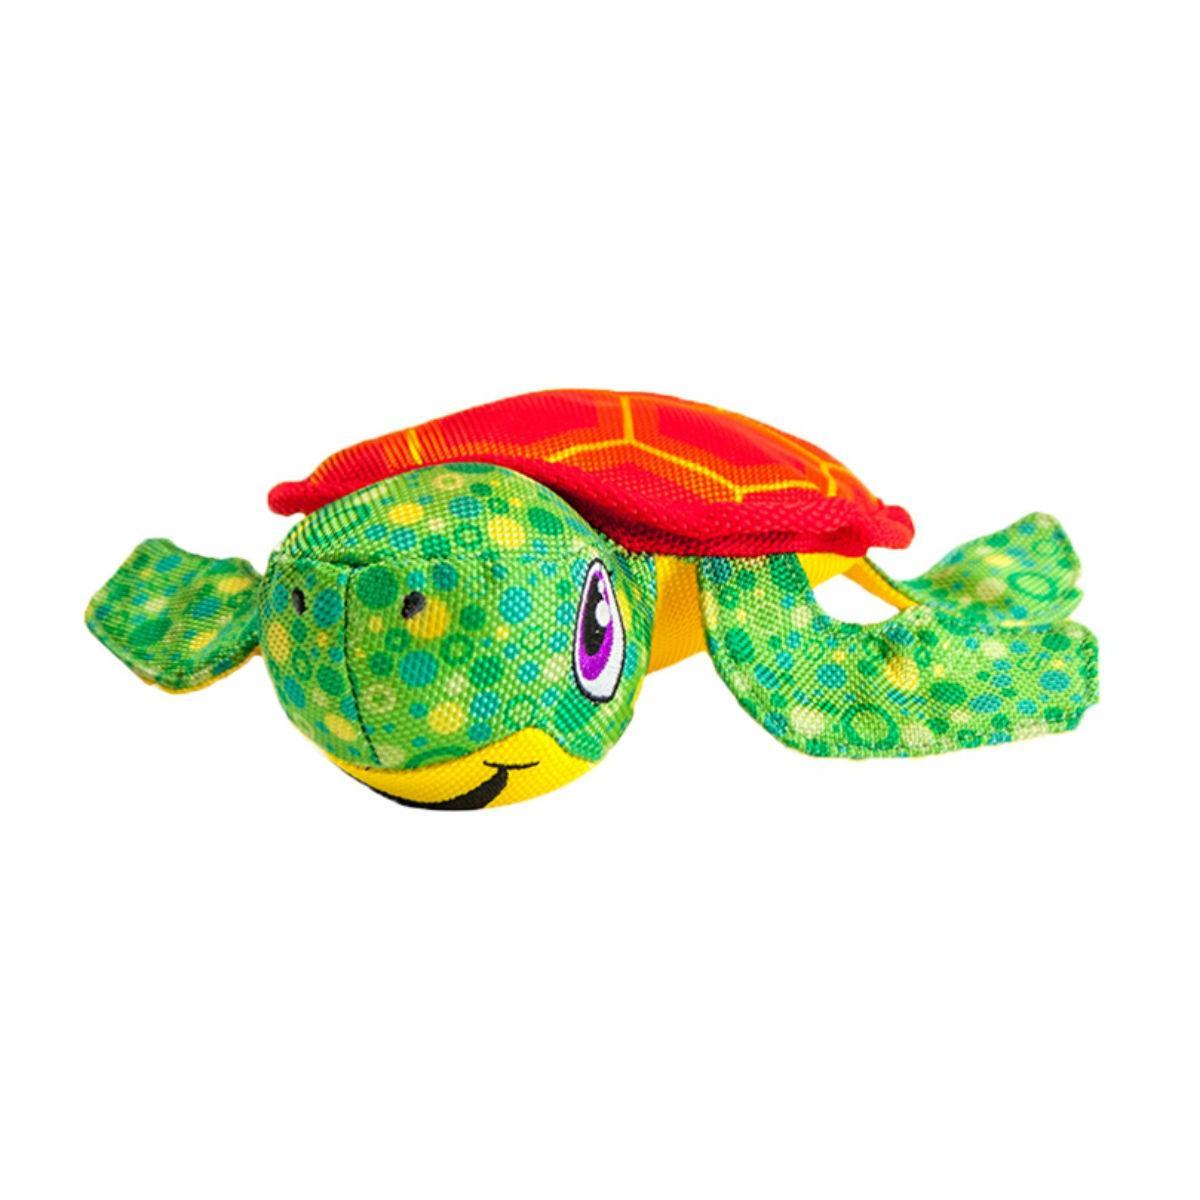 Outward Hound Floatiez Dog Toy - Turtle